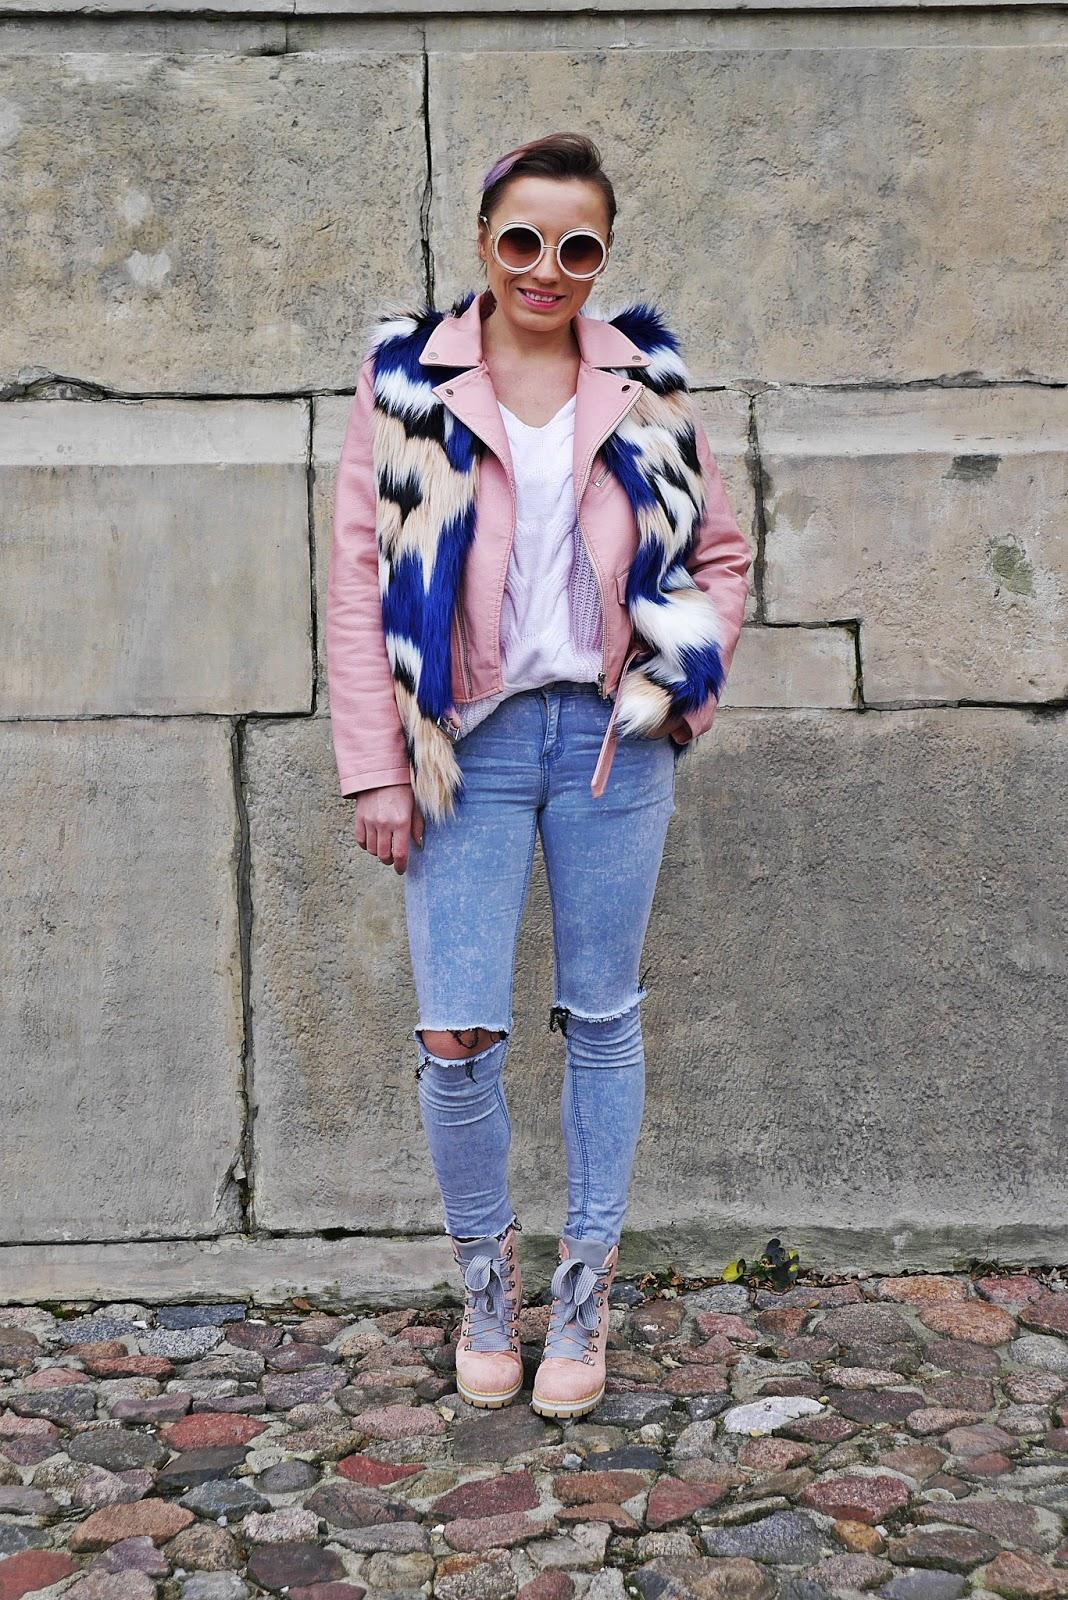 1_fur_vaist_pink_biker_jacket_jeans_buty_renee_karyn_blog_modowy_281217dfr